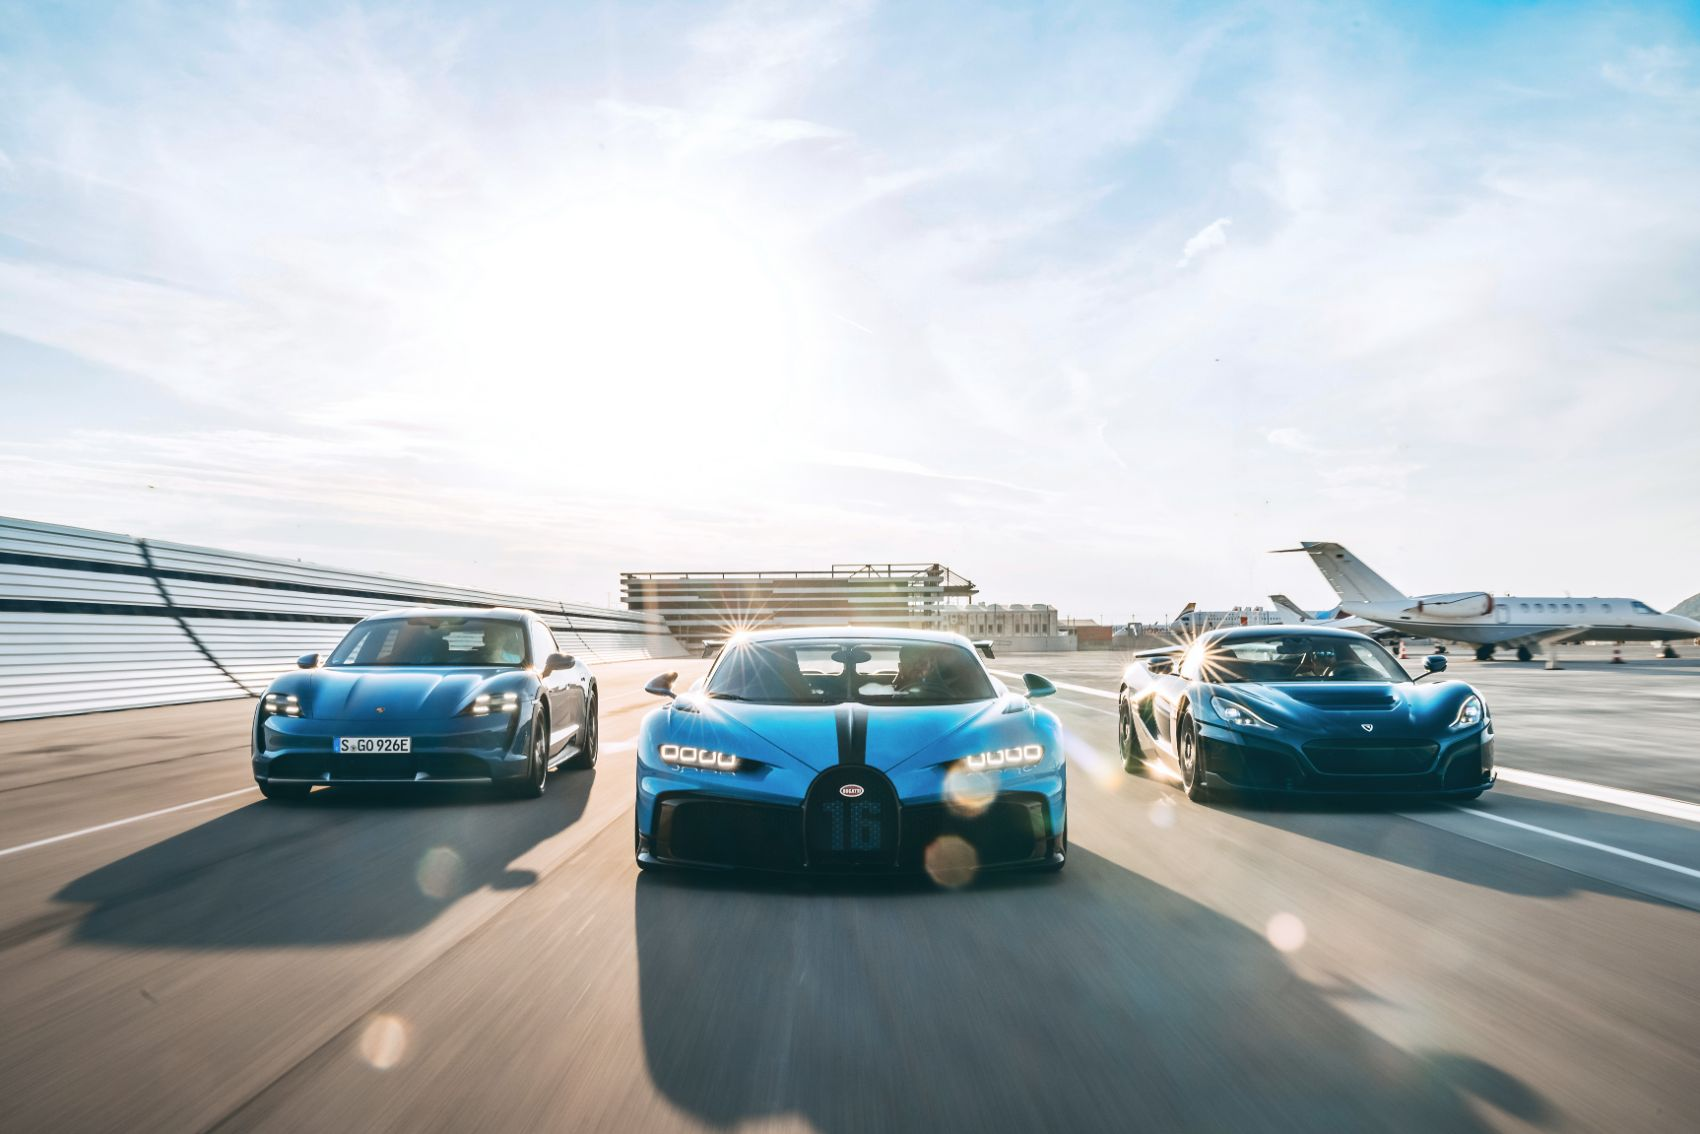 Bugatti Rimac Launches With Help From Porsche & Rimac Automobili